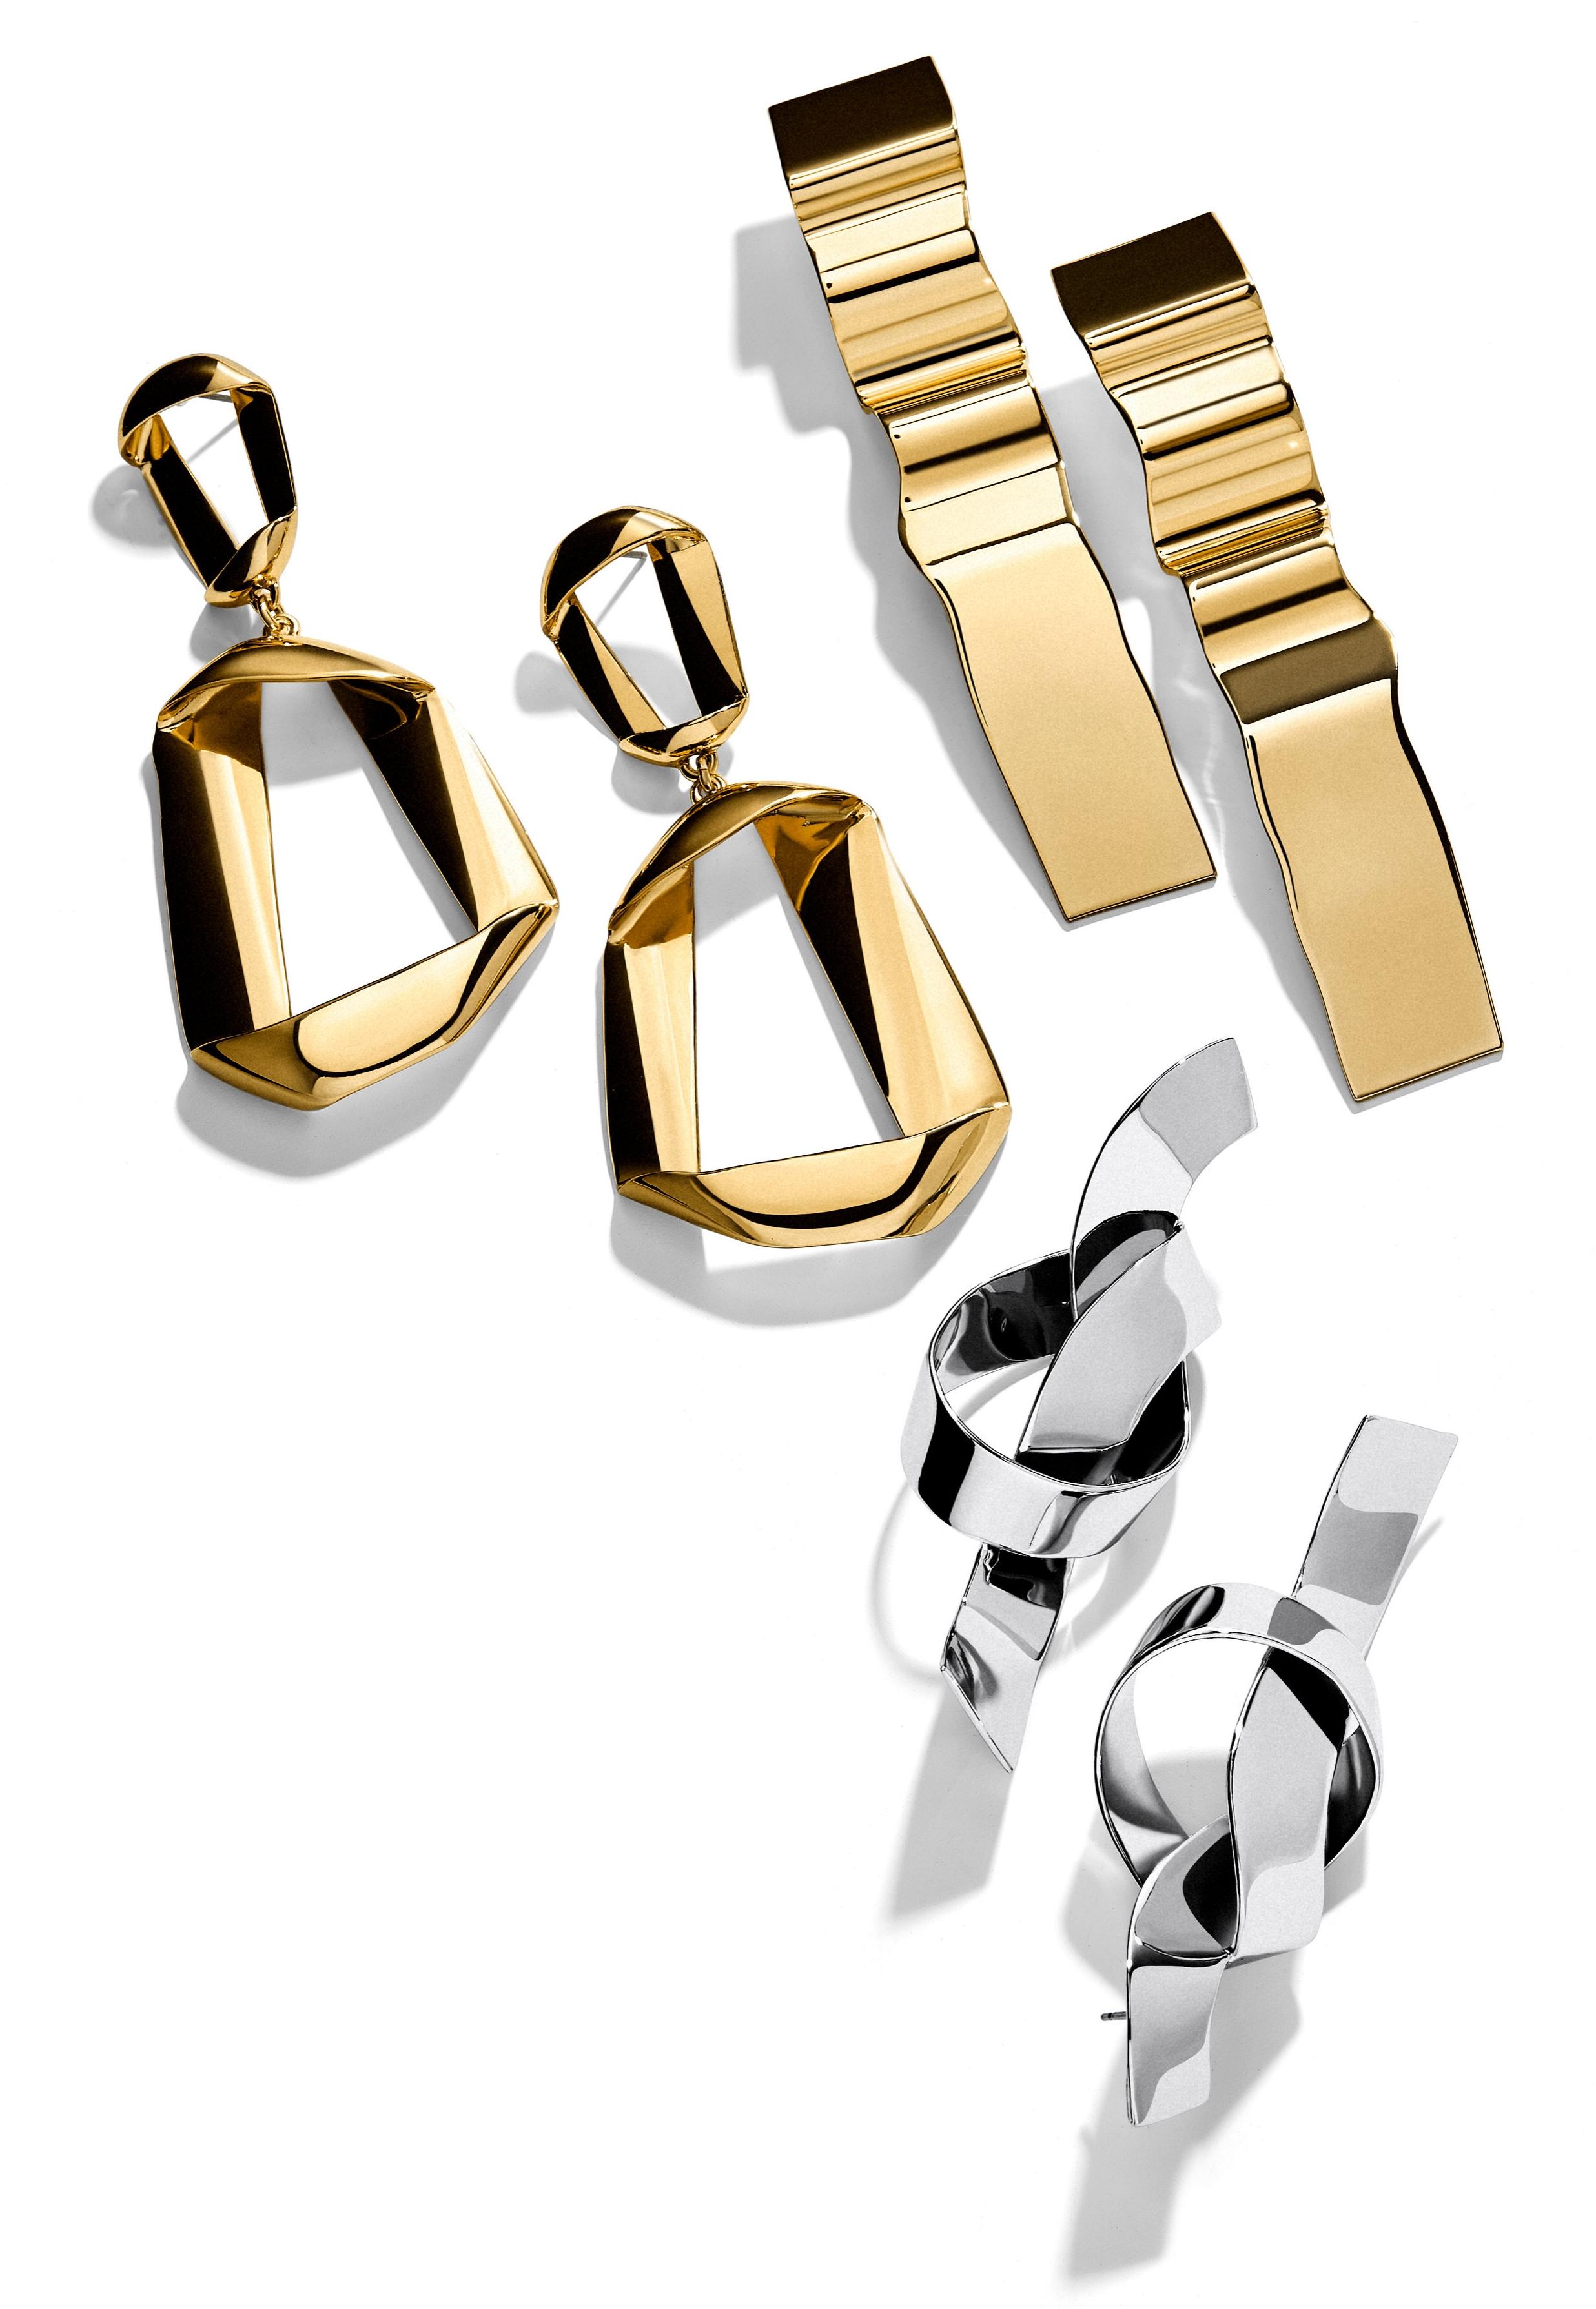 2.13_MustHave_Fluid_Metal_Earrings_38.jpg